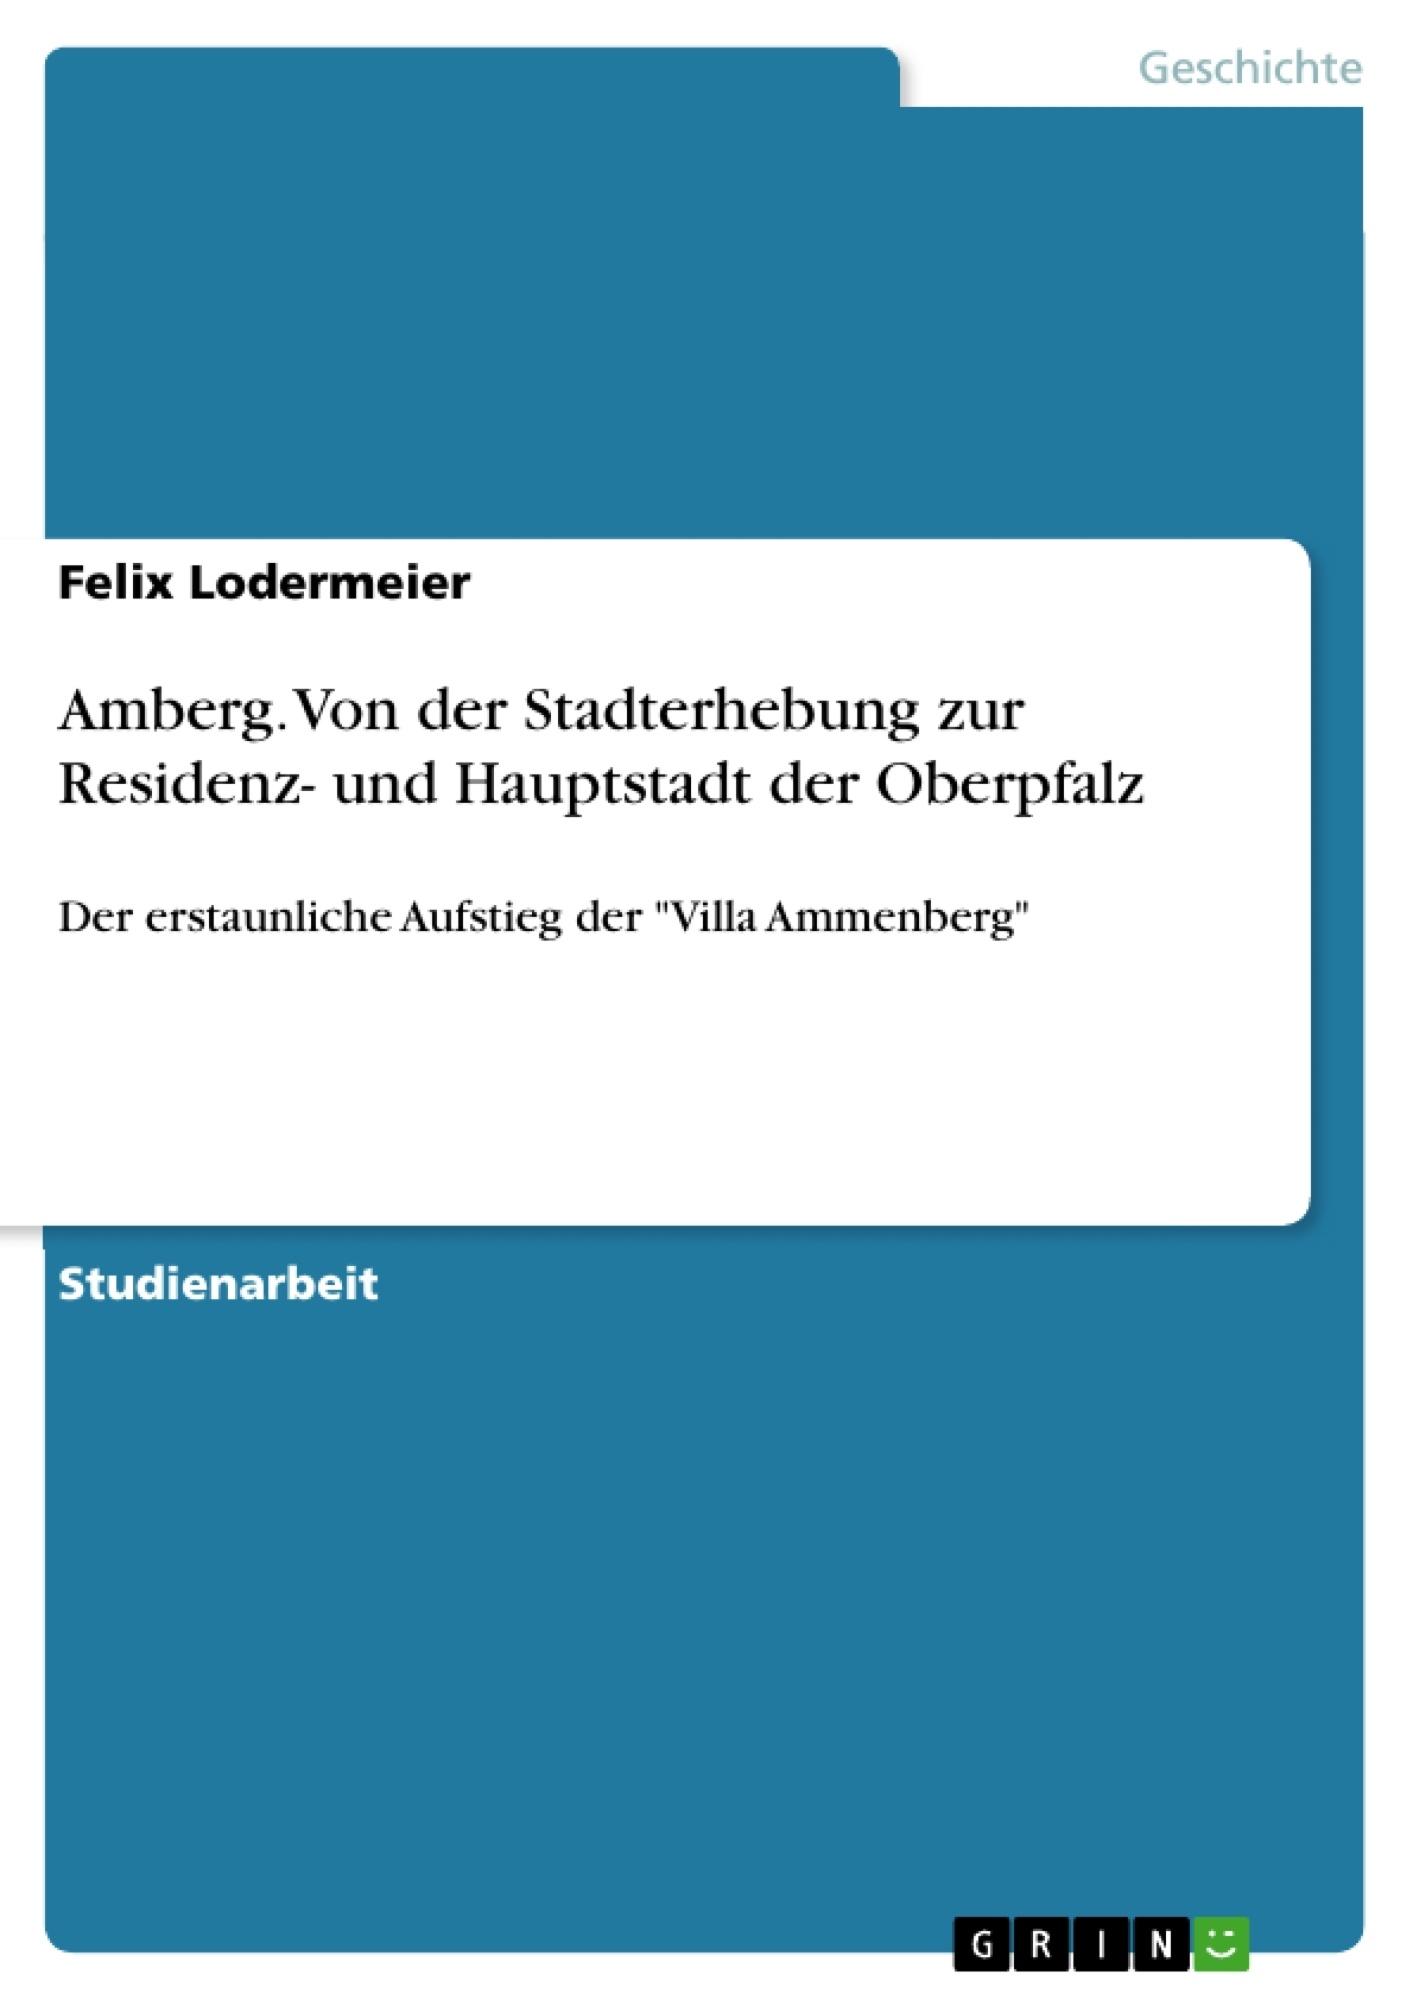 Titel: Amberg. Von der Stadterhebung zur Residenz- und Hauptstadt der Oberpfalz